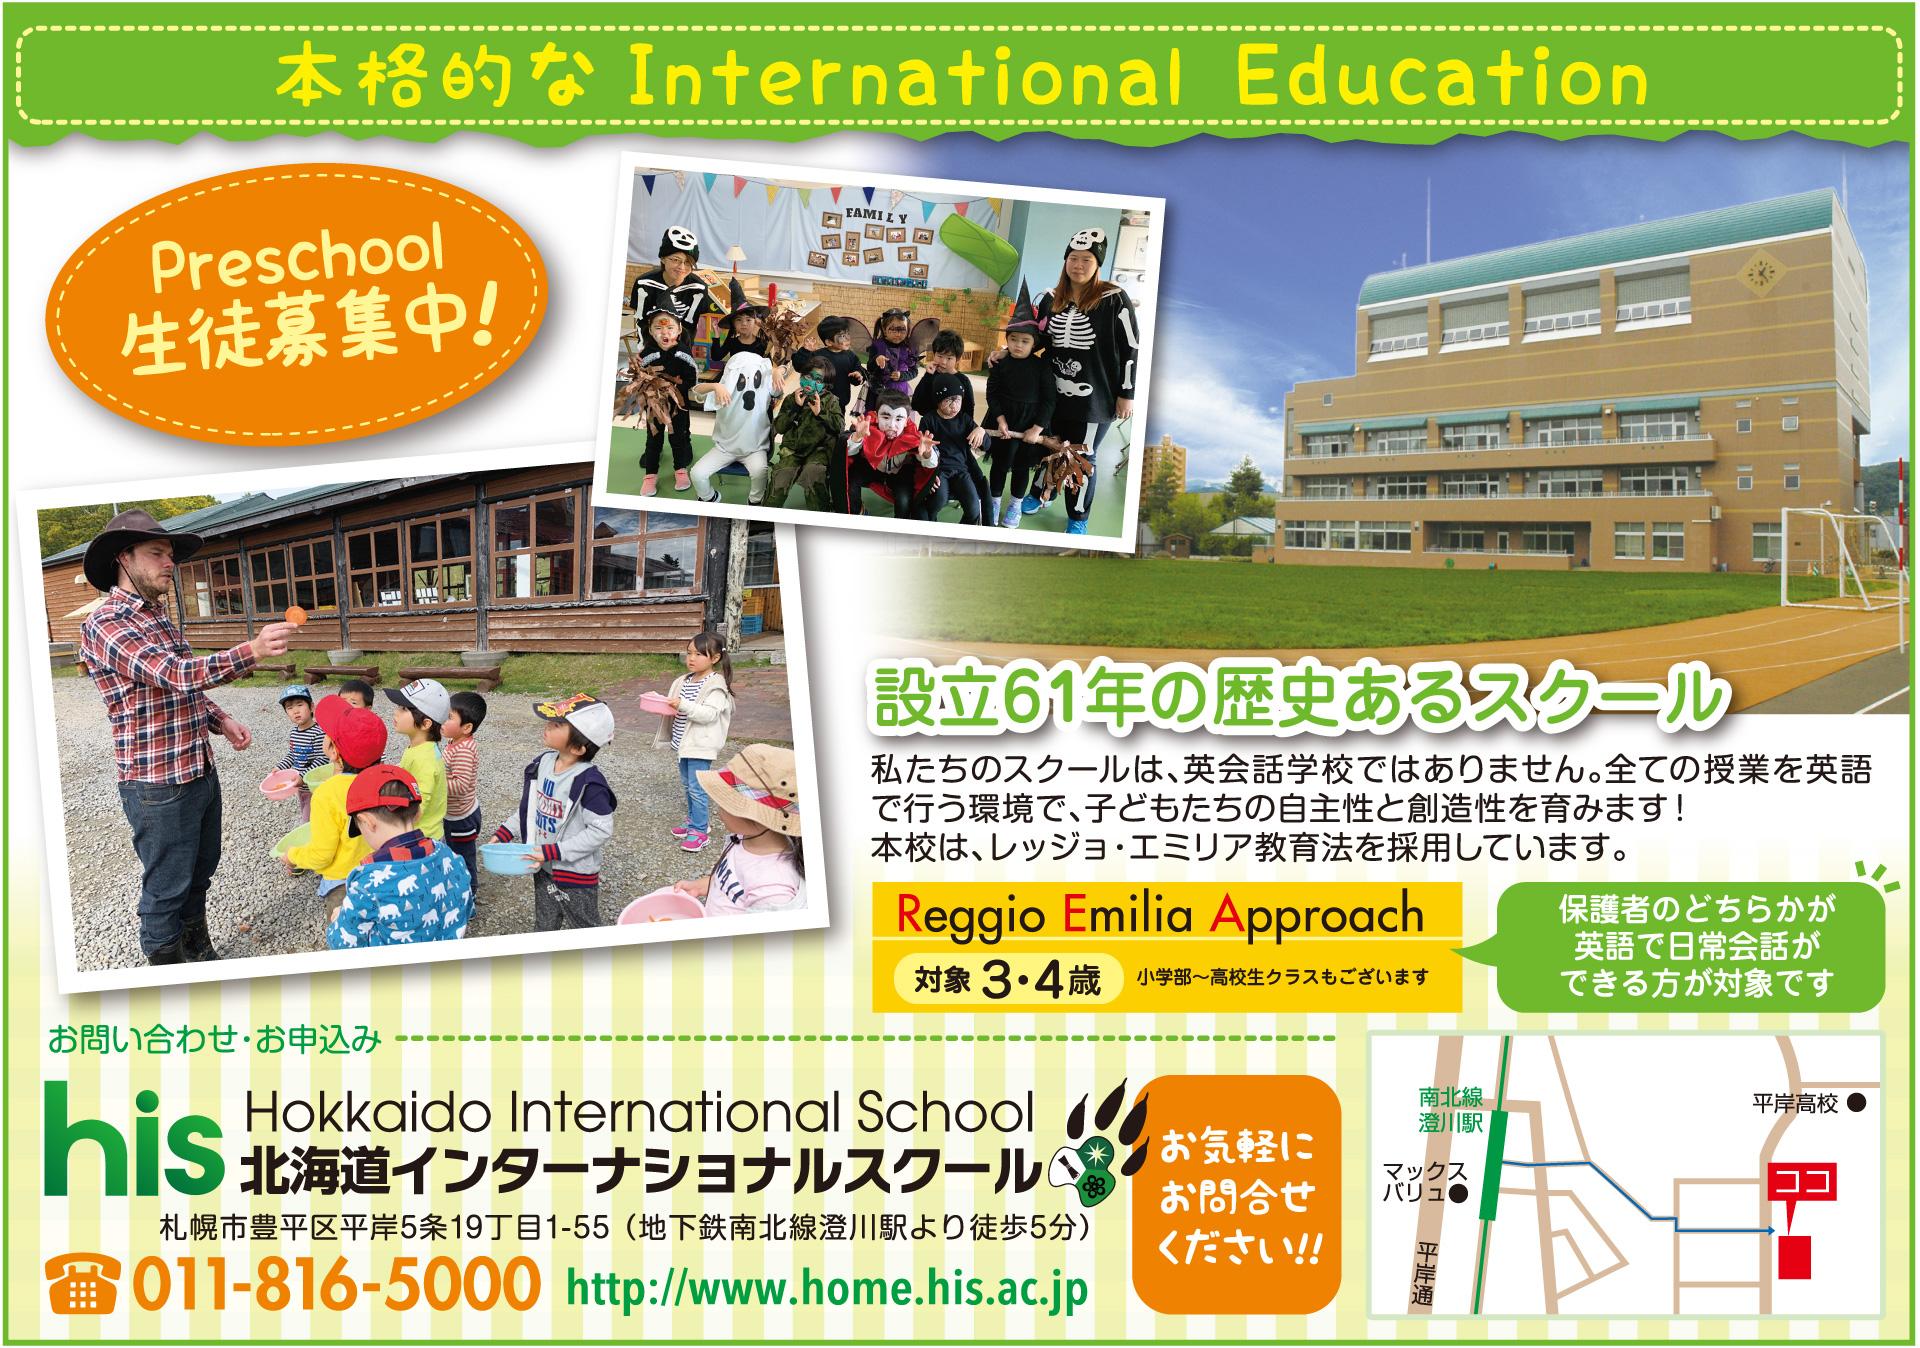 北海道インターナショナルスクール